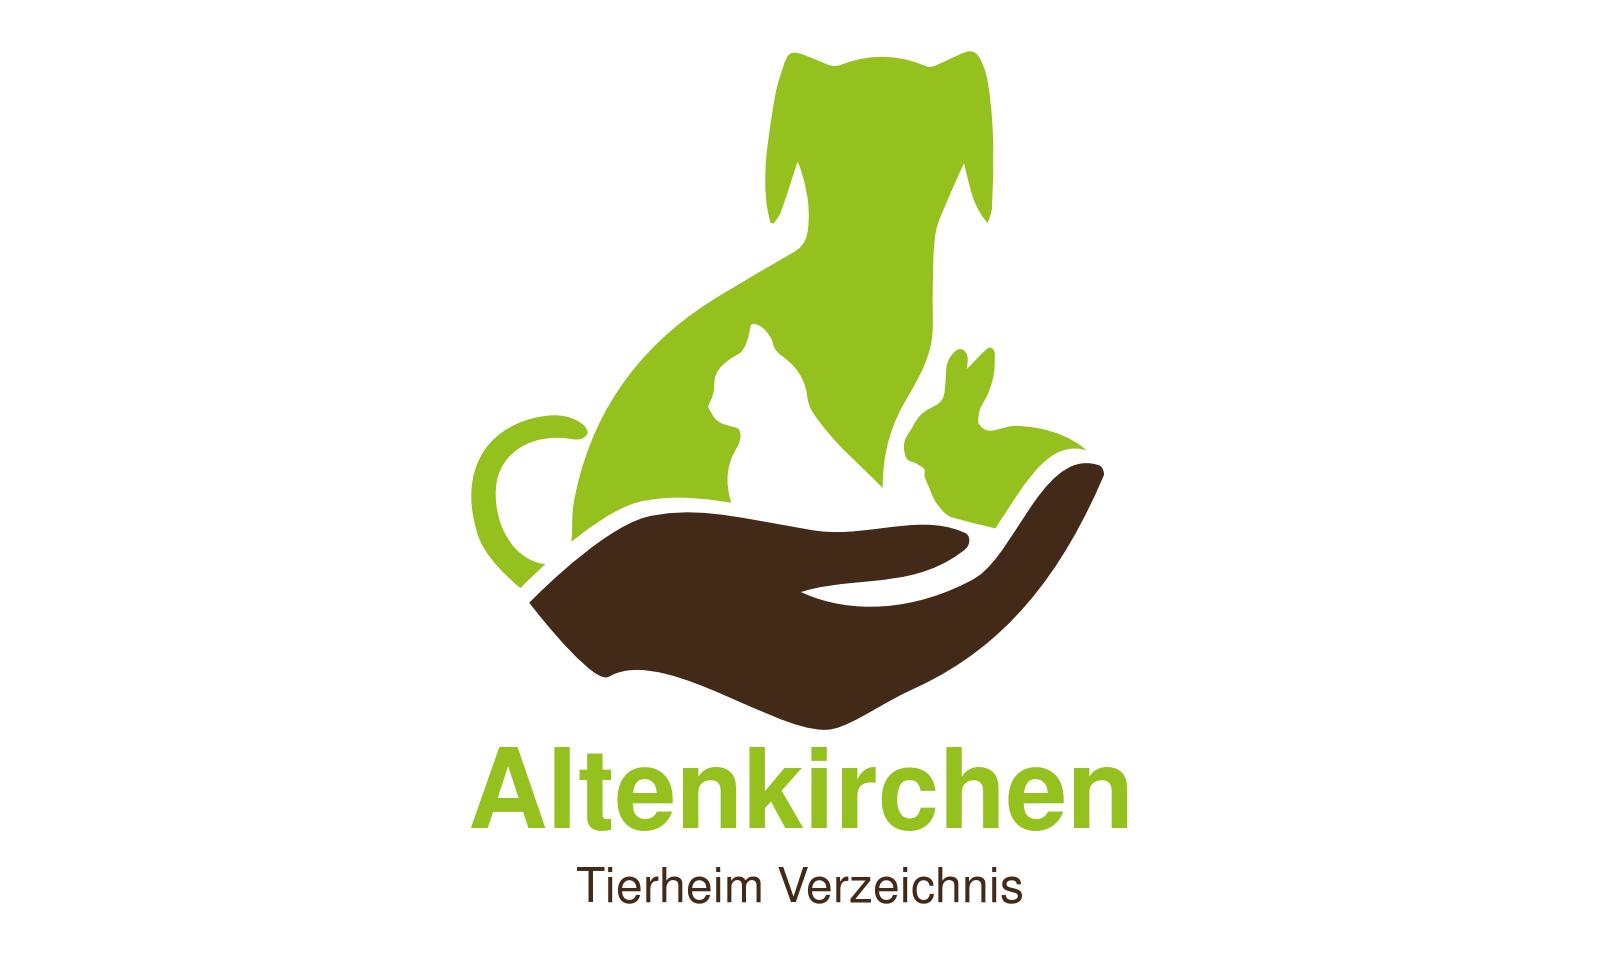 Tierheim Altenkirchen